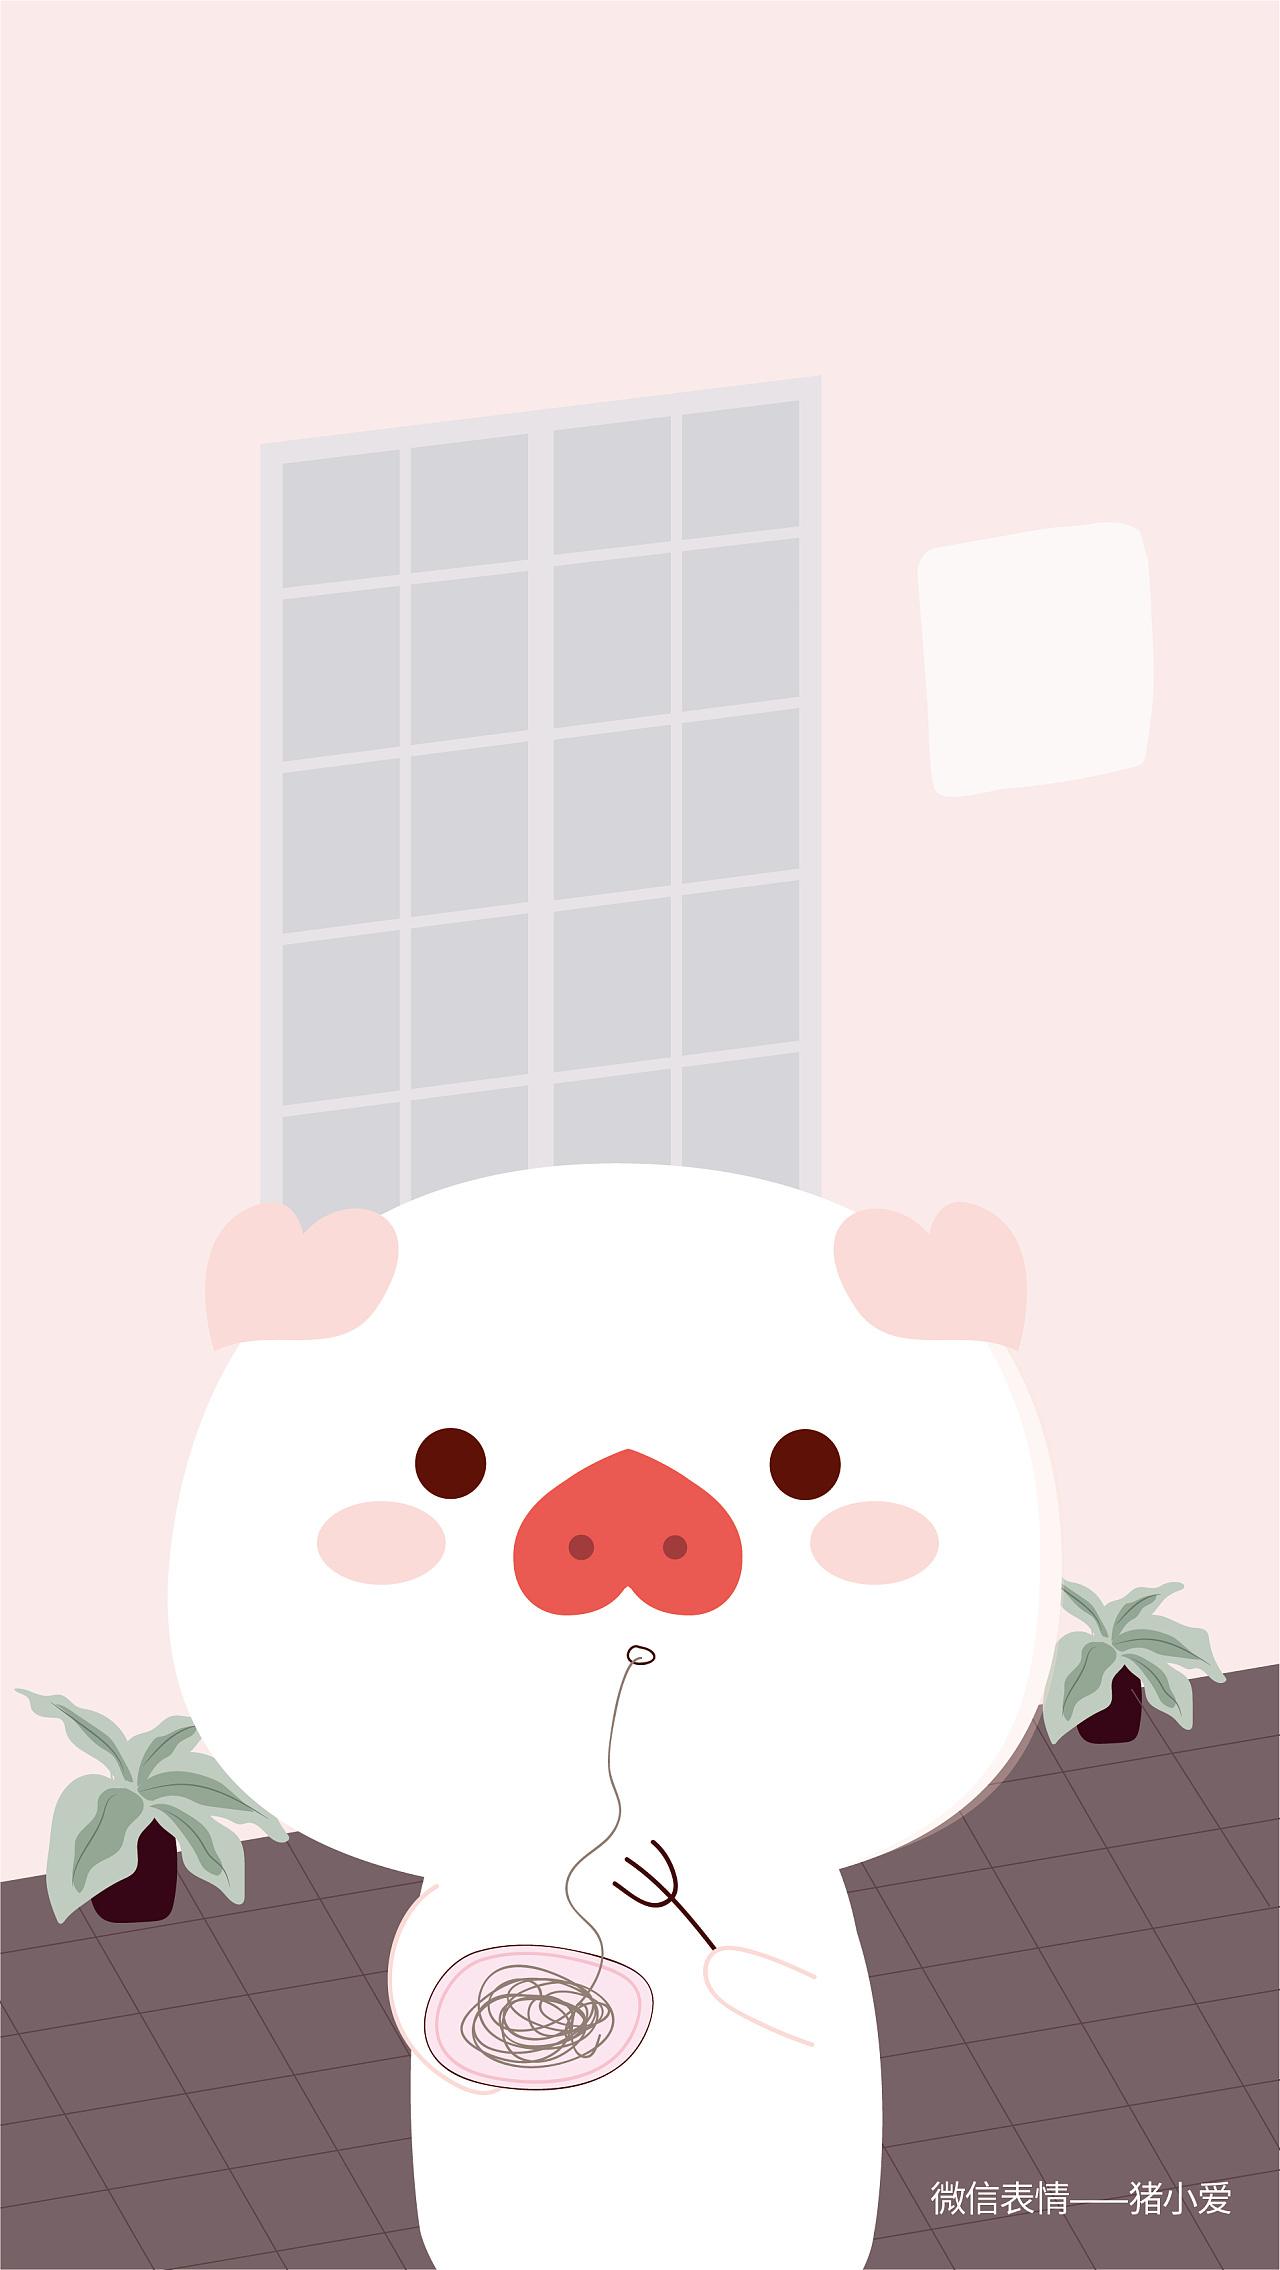 微信全集猪小爱猪年大吉猪火锅可爱的大搞笑图片大全表情表情图片图片